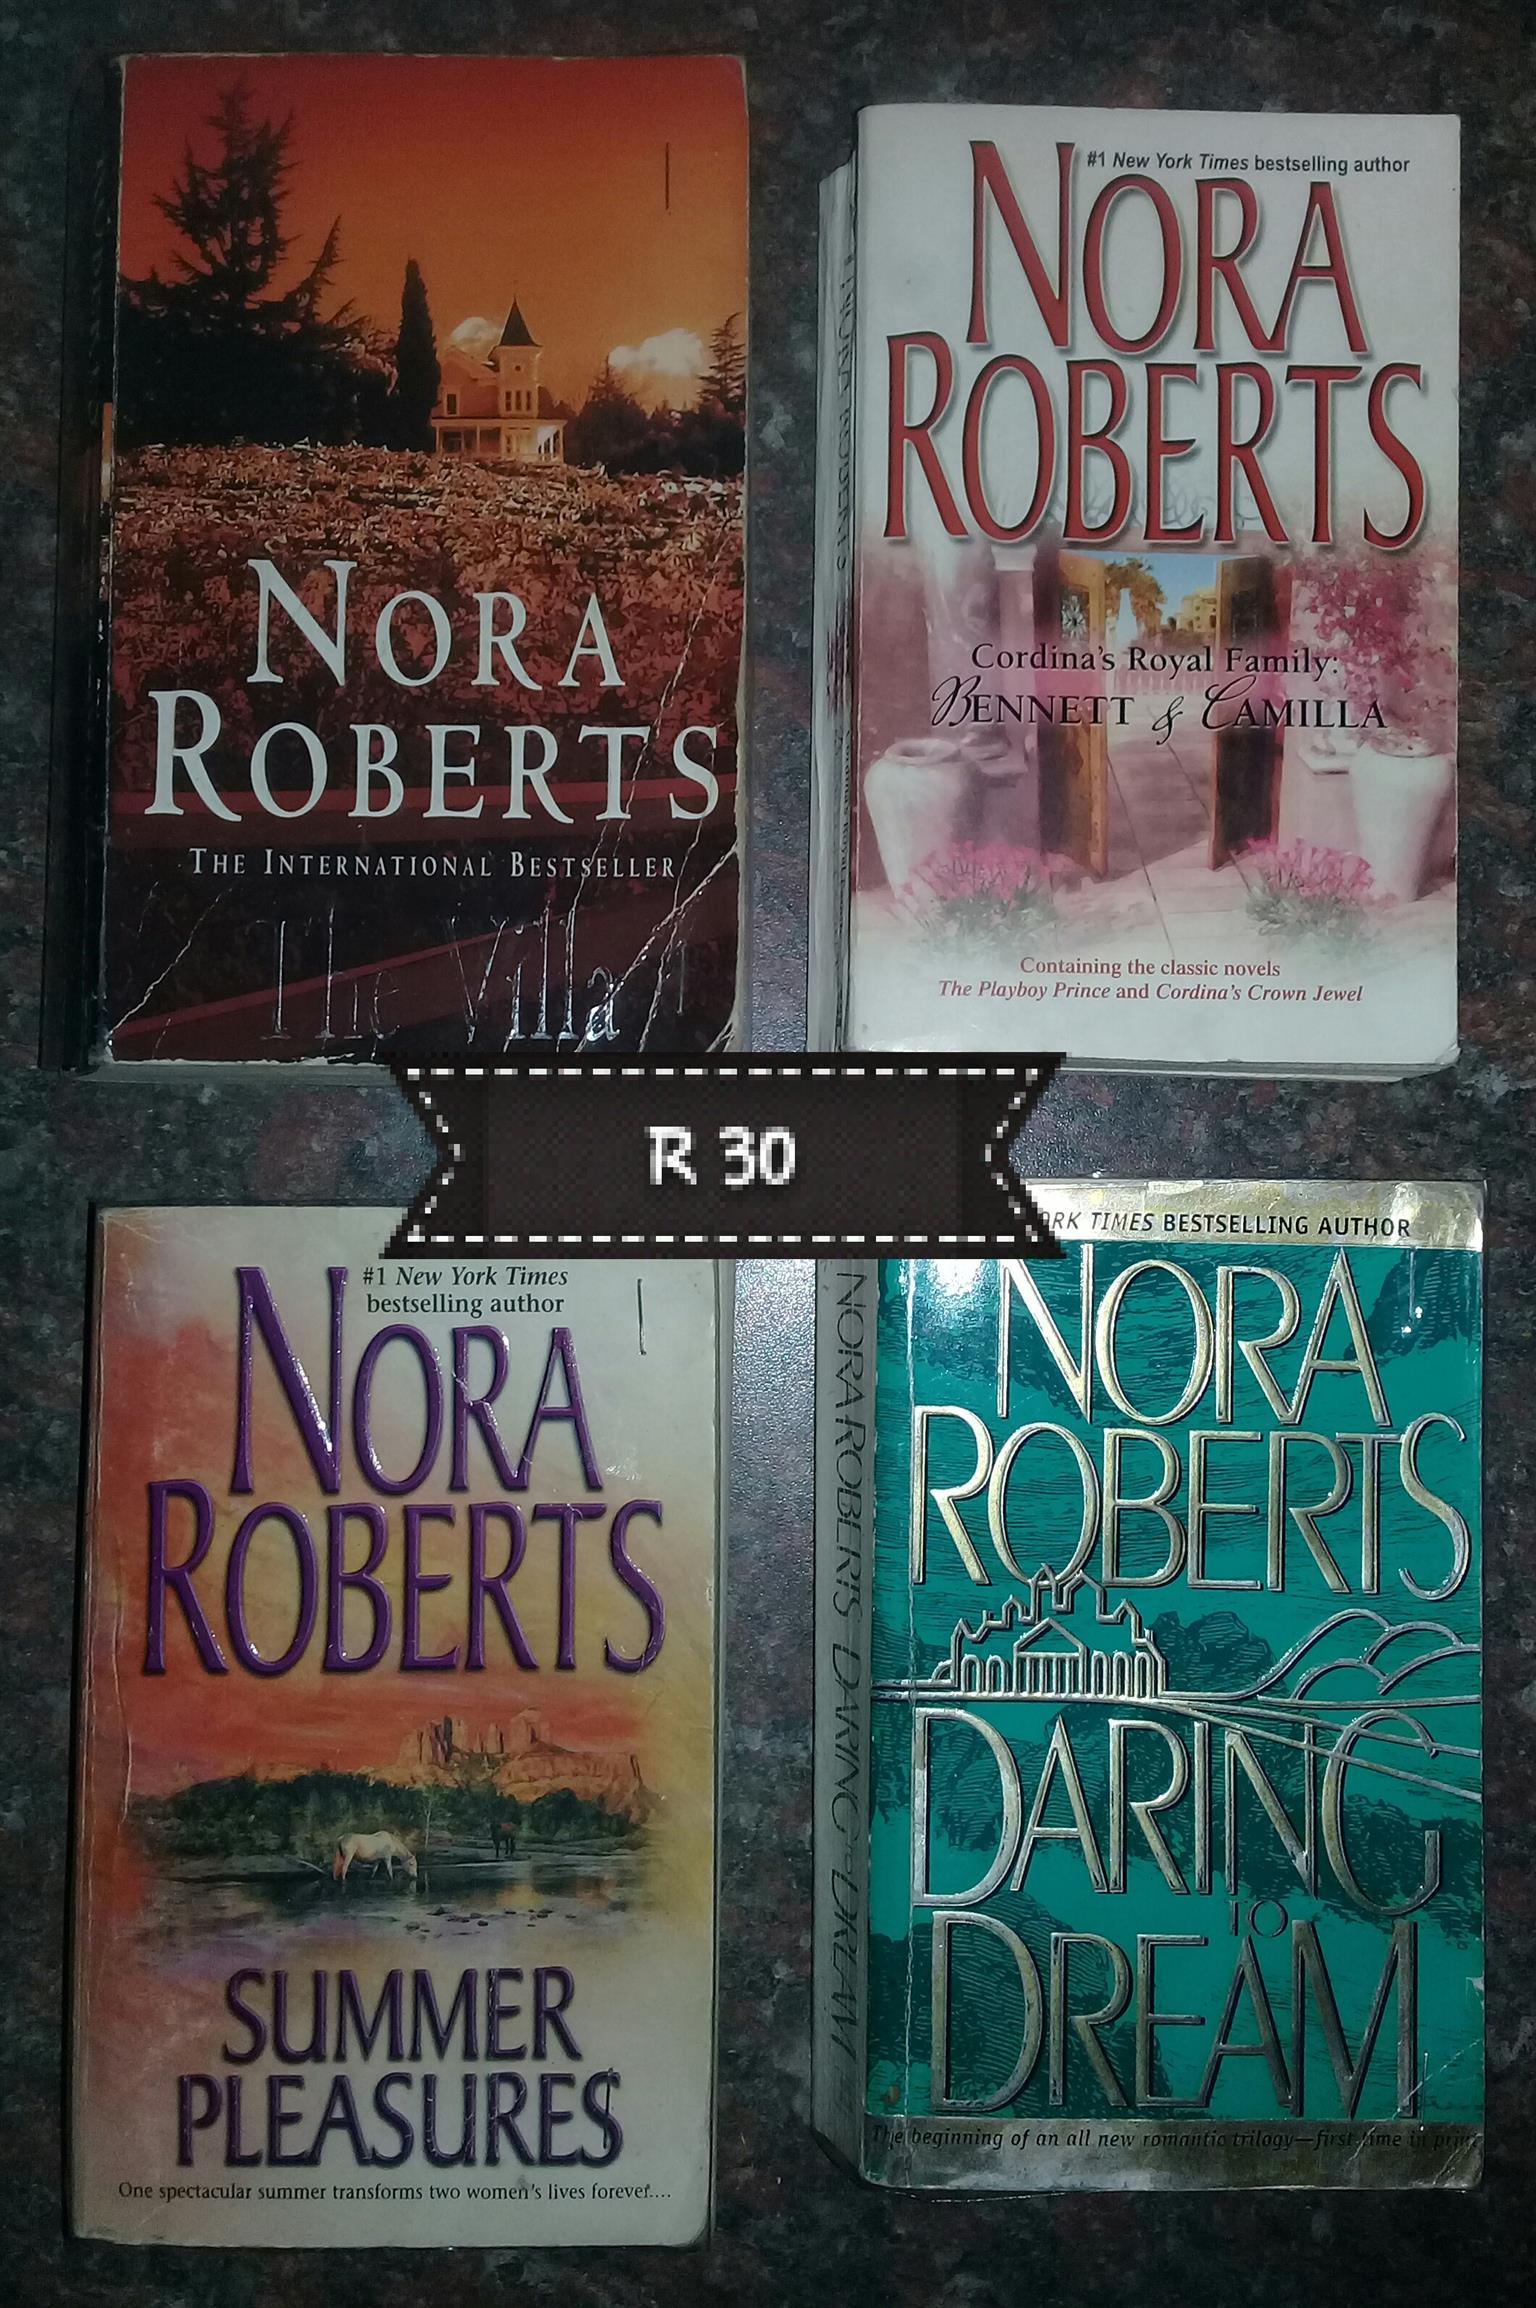 Nora Roberts books